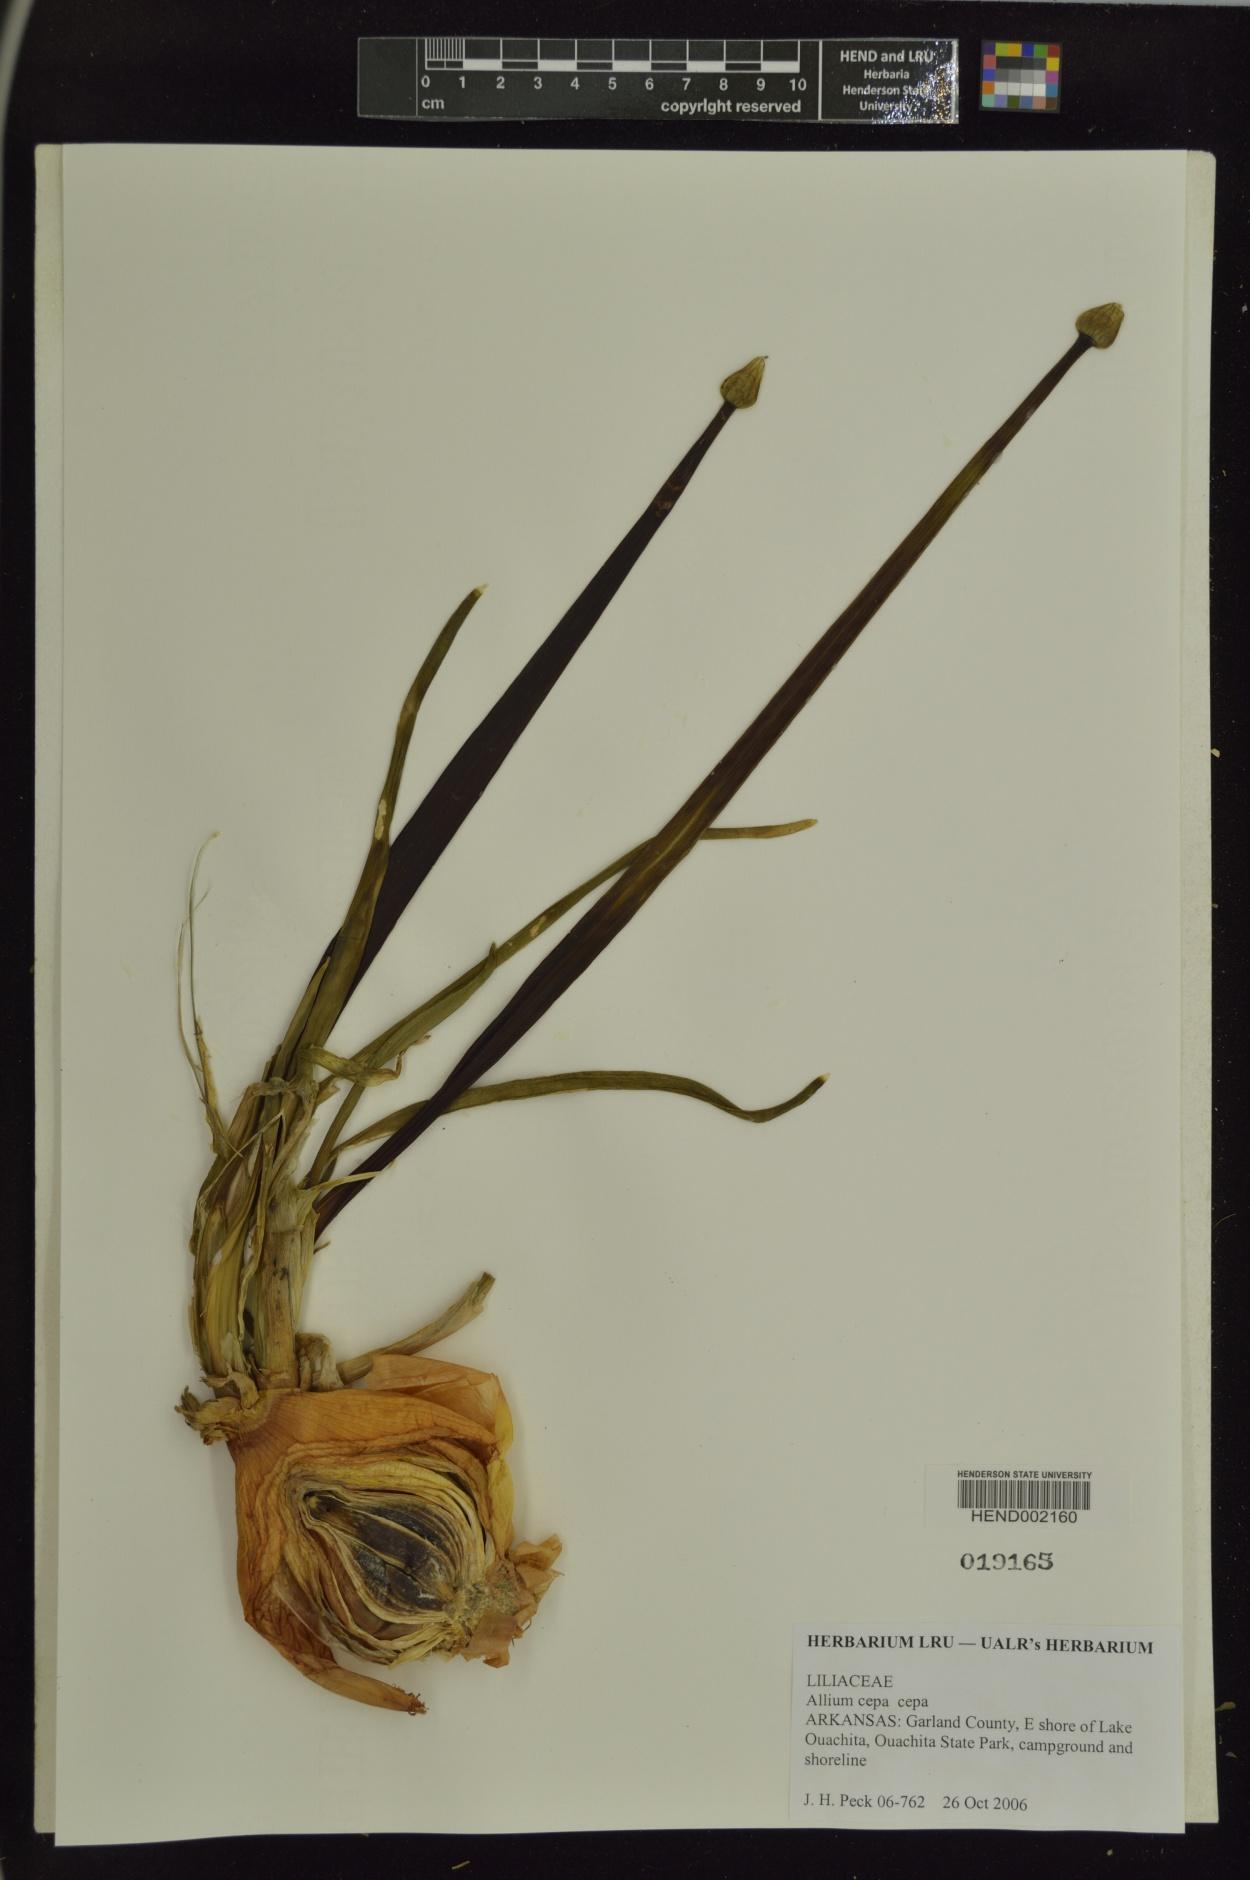 Allium cepa var. cepa image